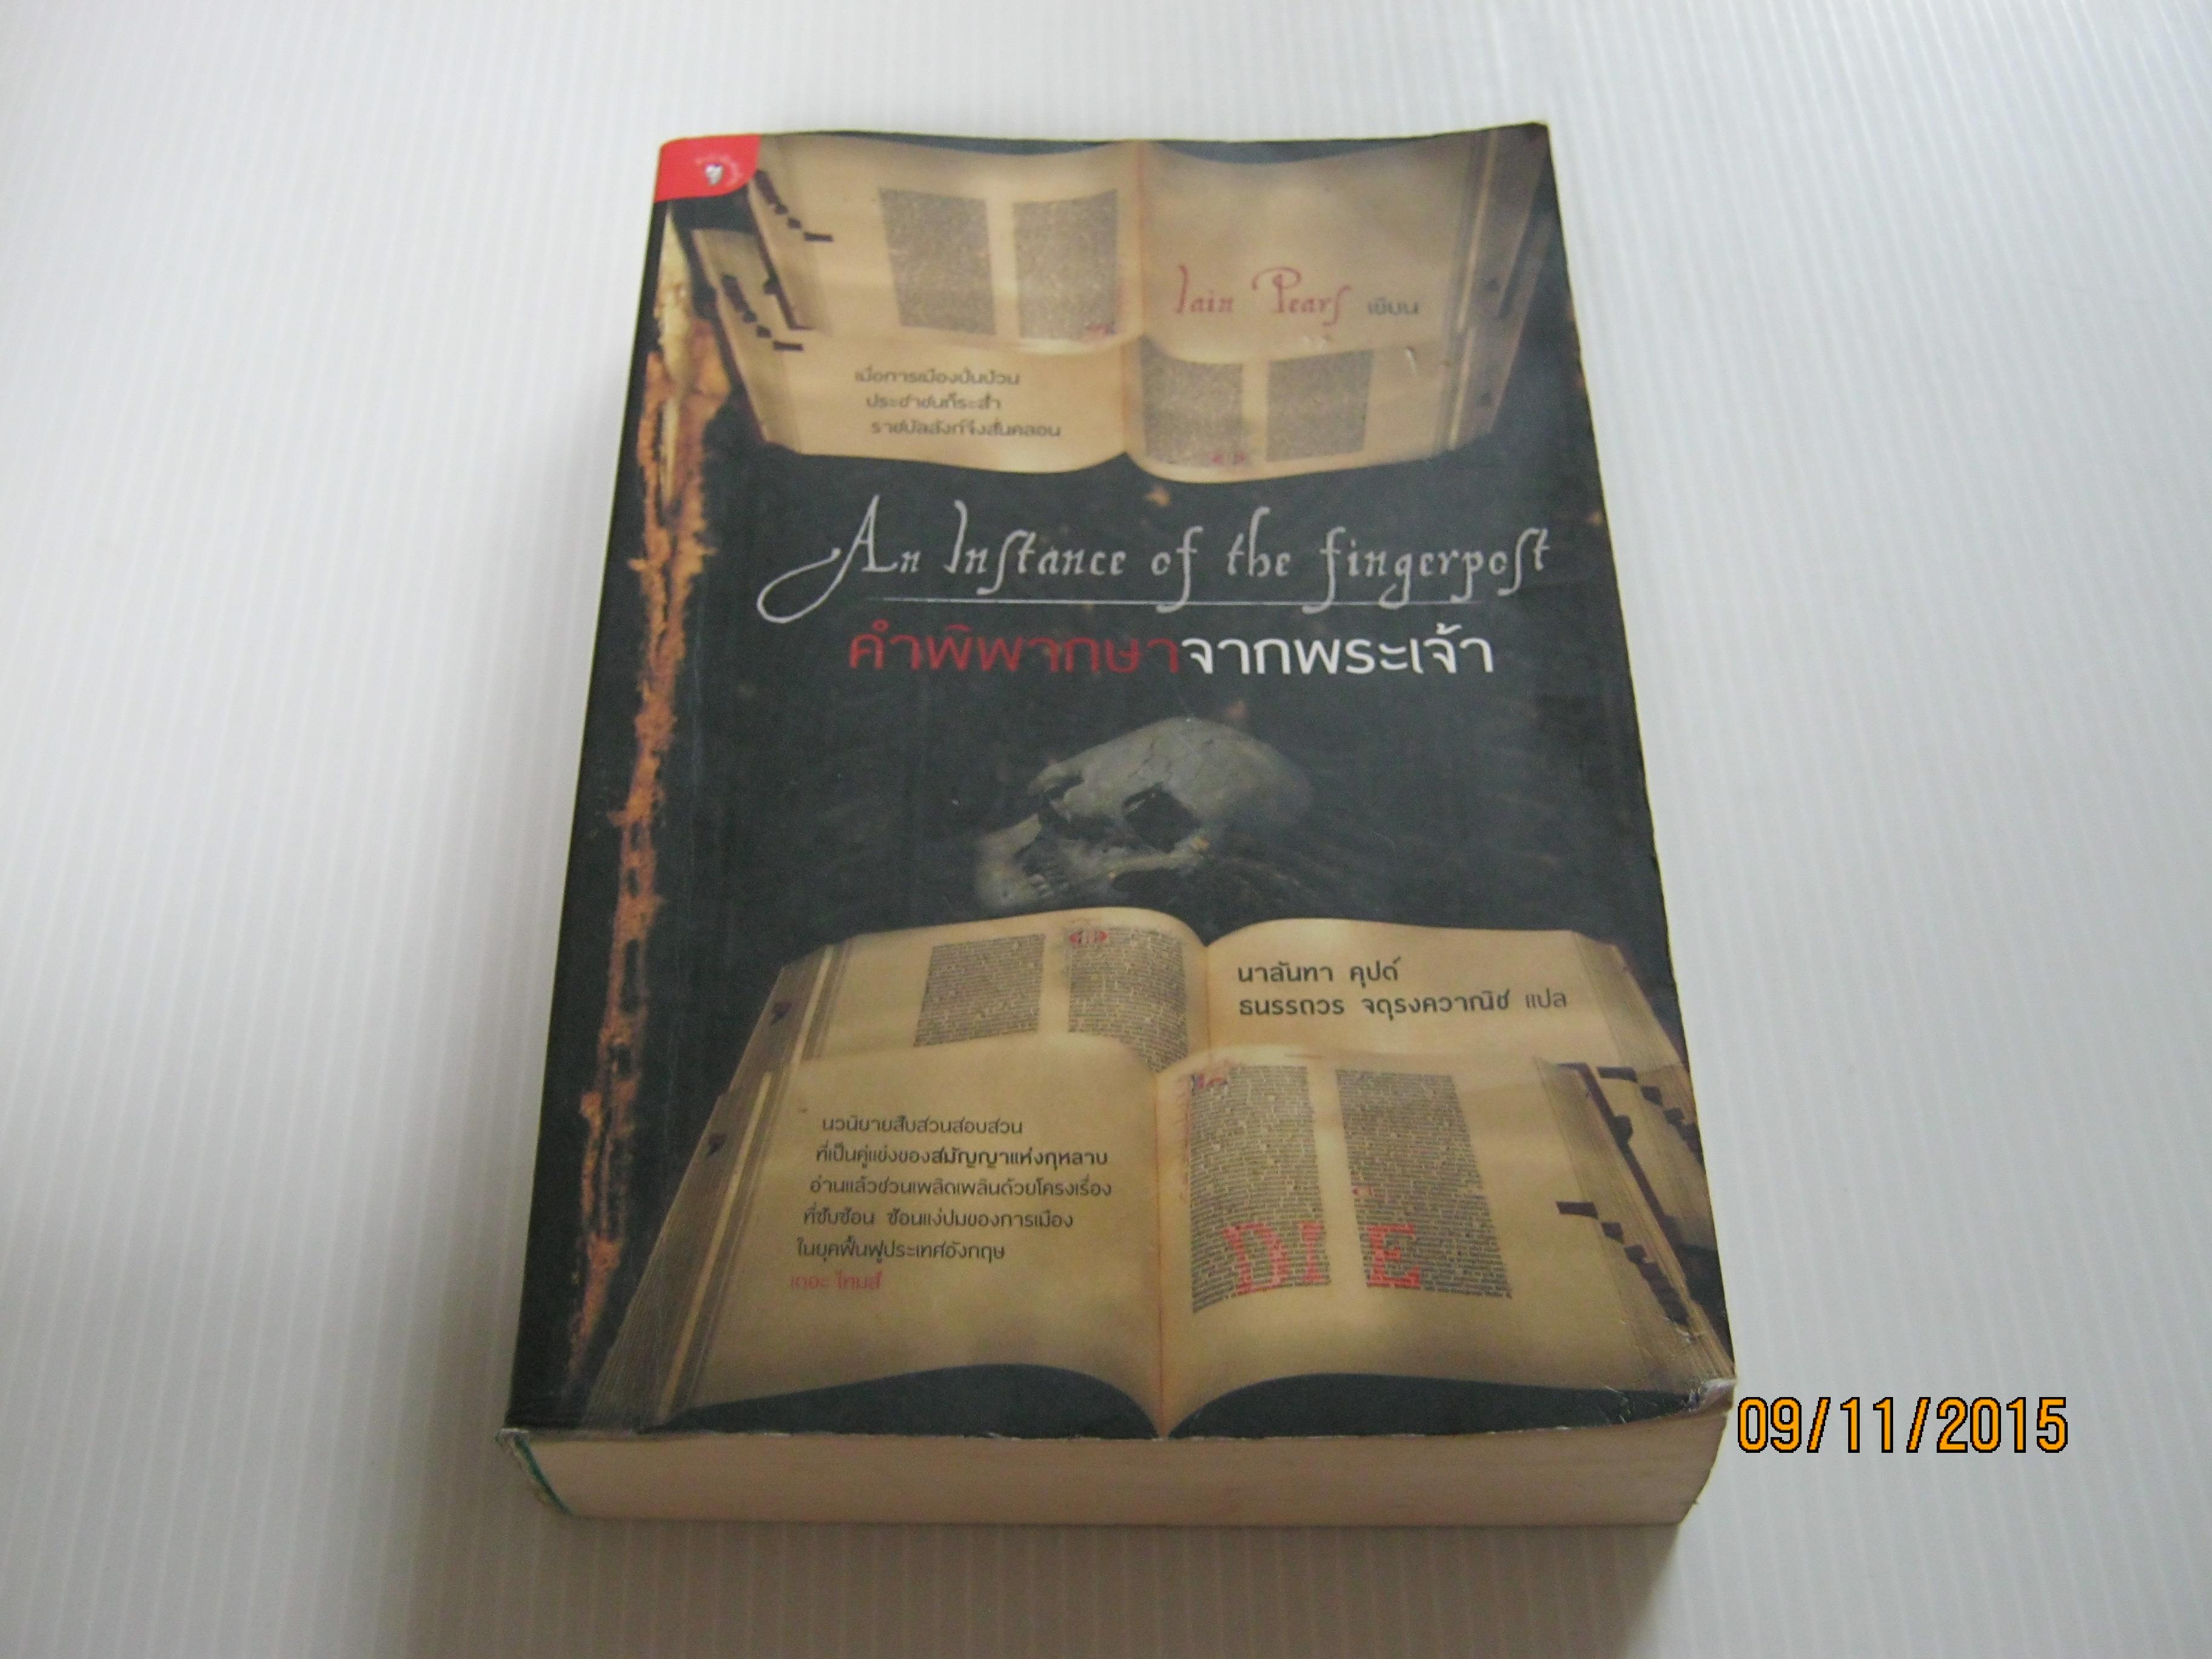 คำพิพากษาจากพระเจ้า (An Instance of the Fingerpost) เอียน เพียร์ส เขียน นาลันทา คุปต์และธนวรรถวร จตุรงควาณิช แปล